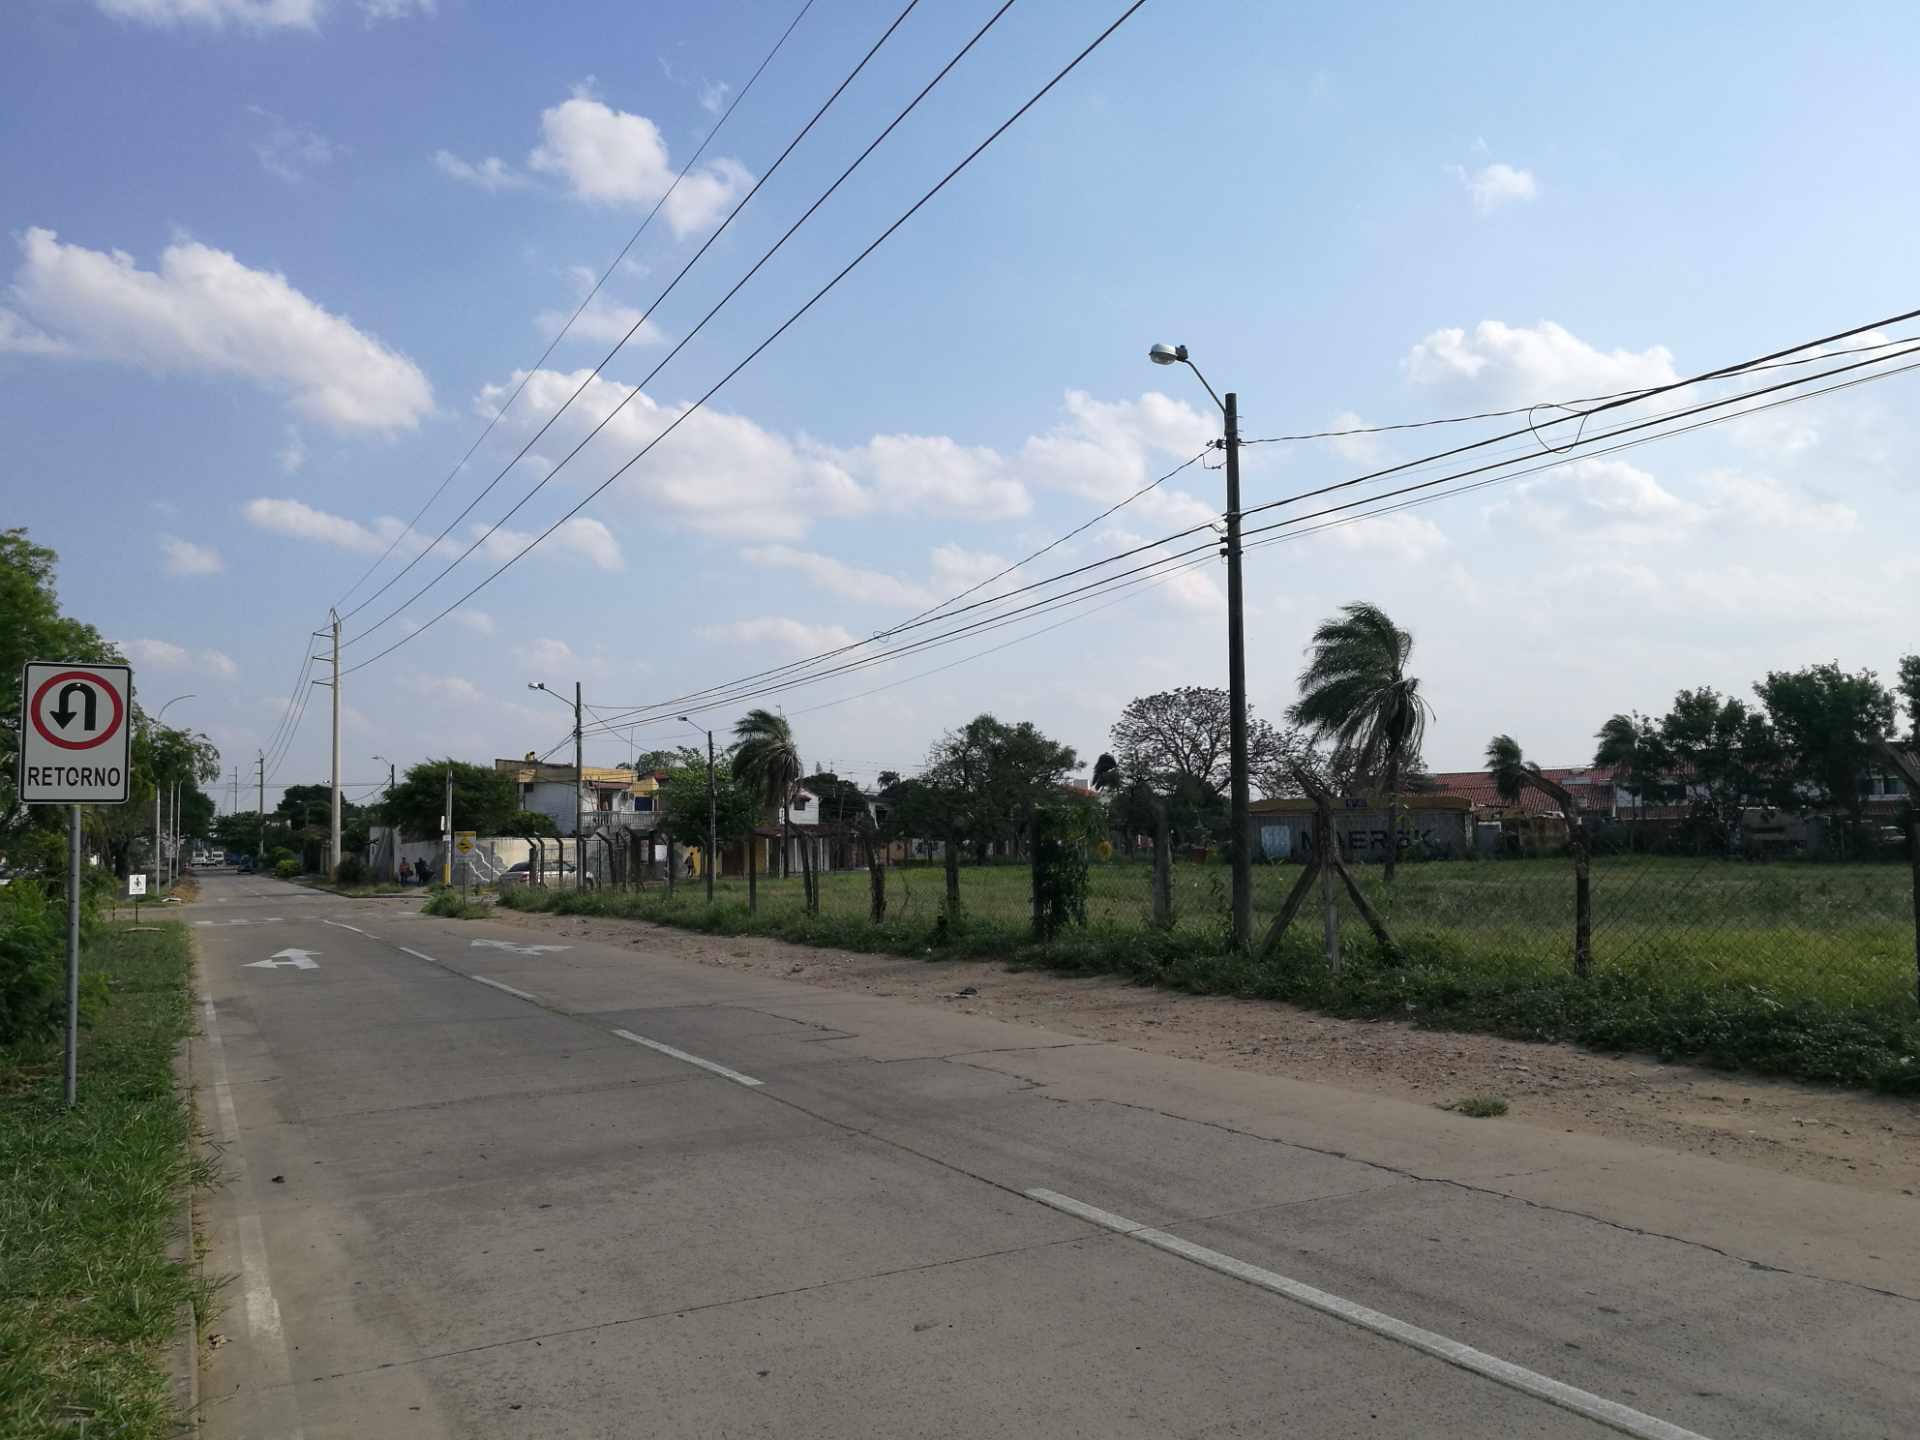 Terreno en Venta TERRENO EN VENTA AV. SAN MARTIN DE PORRES A UNA CUADRA DE LA AV. GRIGOTA Foto 2